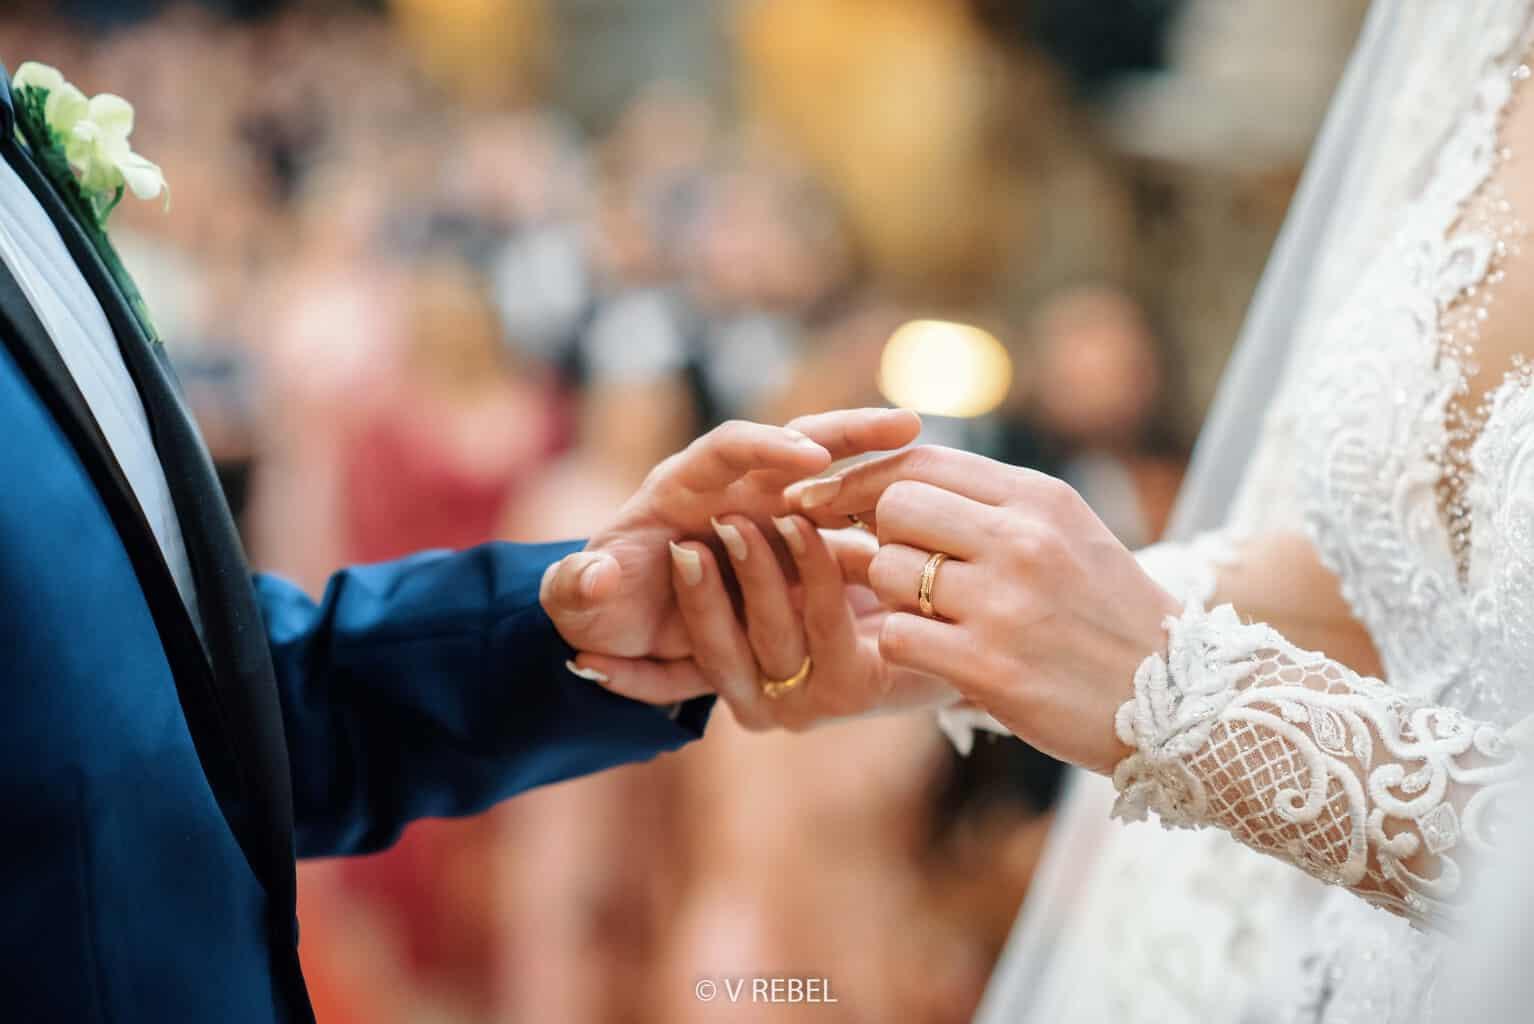 casamento-Caroline-e-Breno-casamento-clássico-cerimonia-na-igreja-fotografia-VRebel44